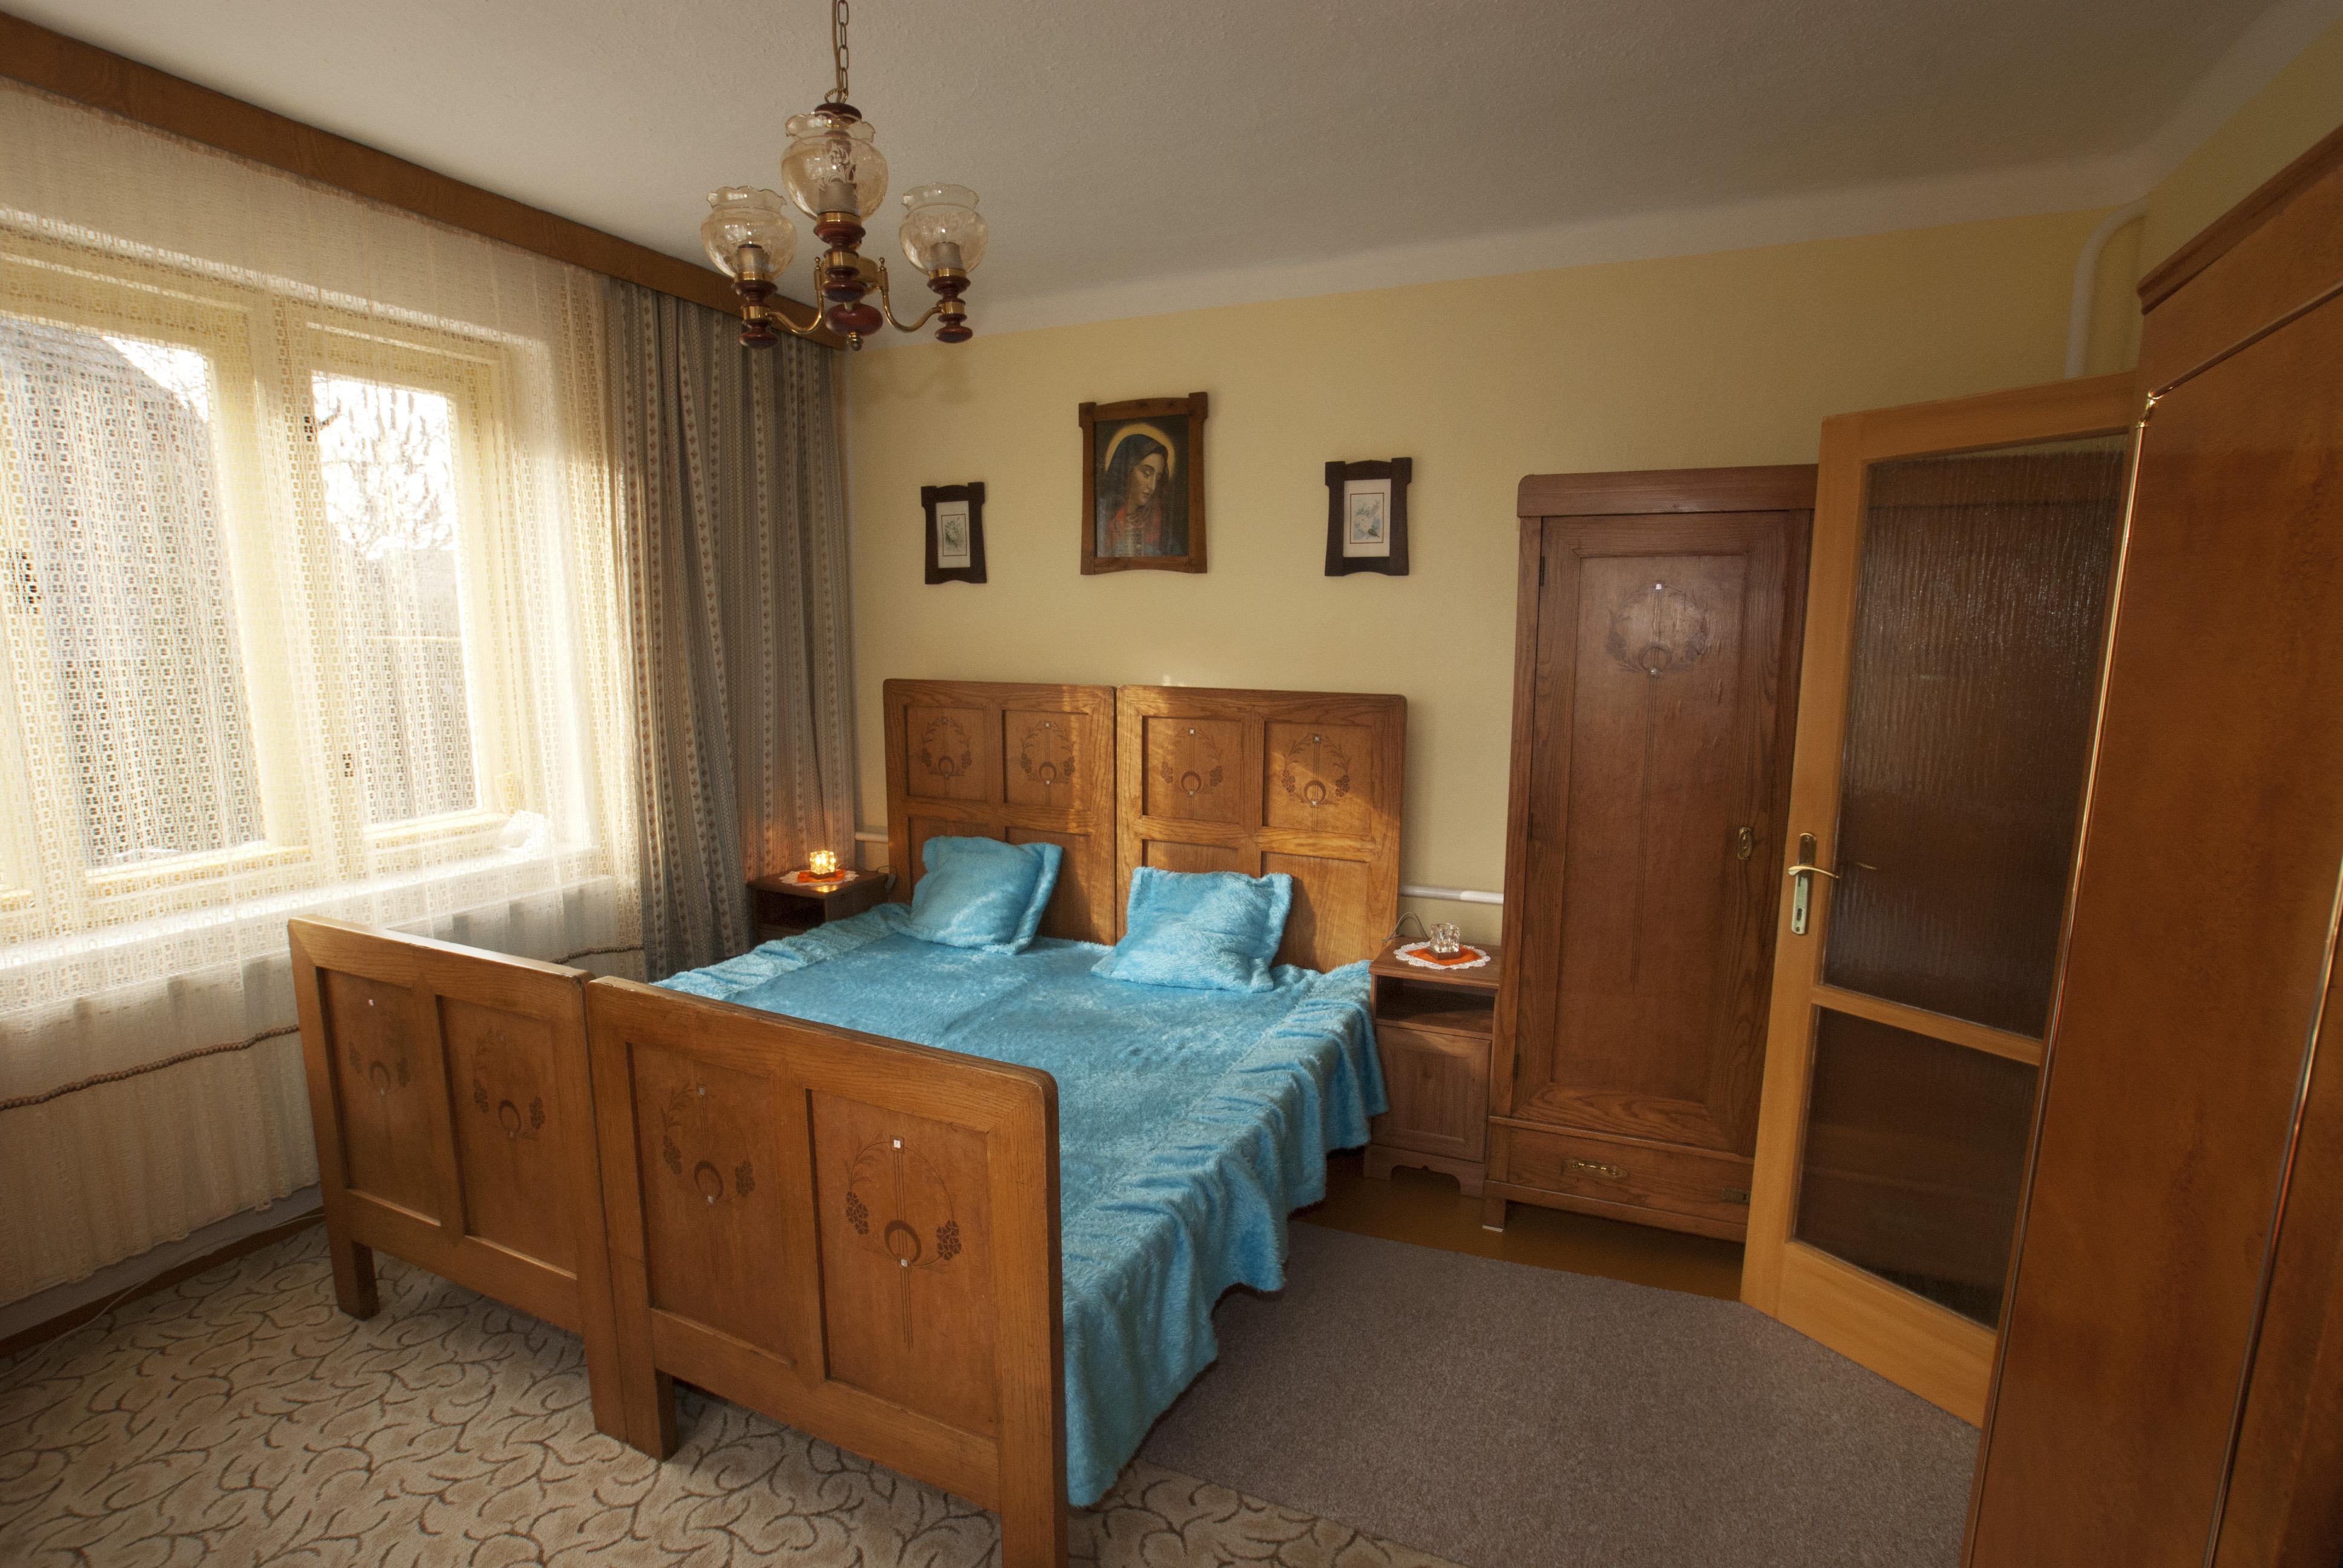 jandova chalupa k pronájmu - ložnice